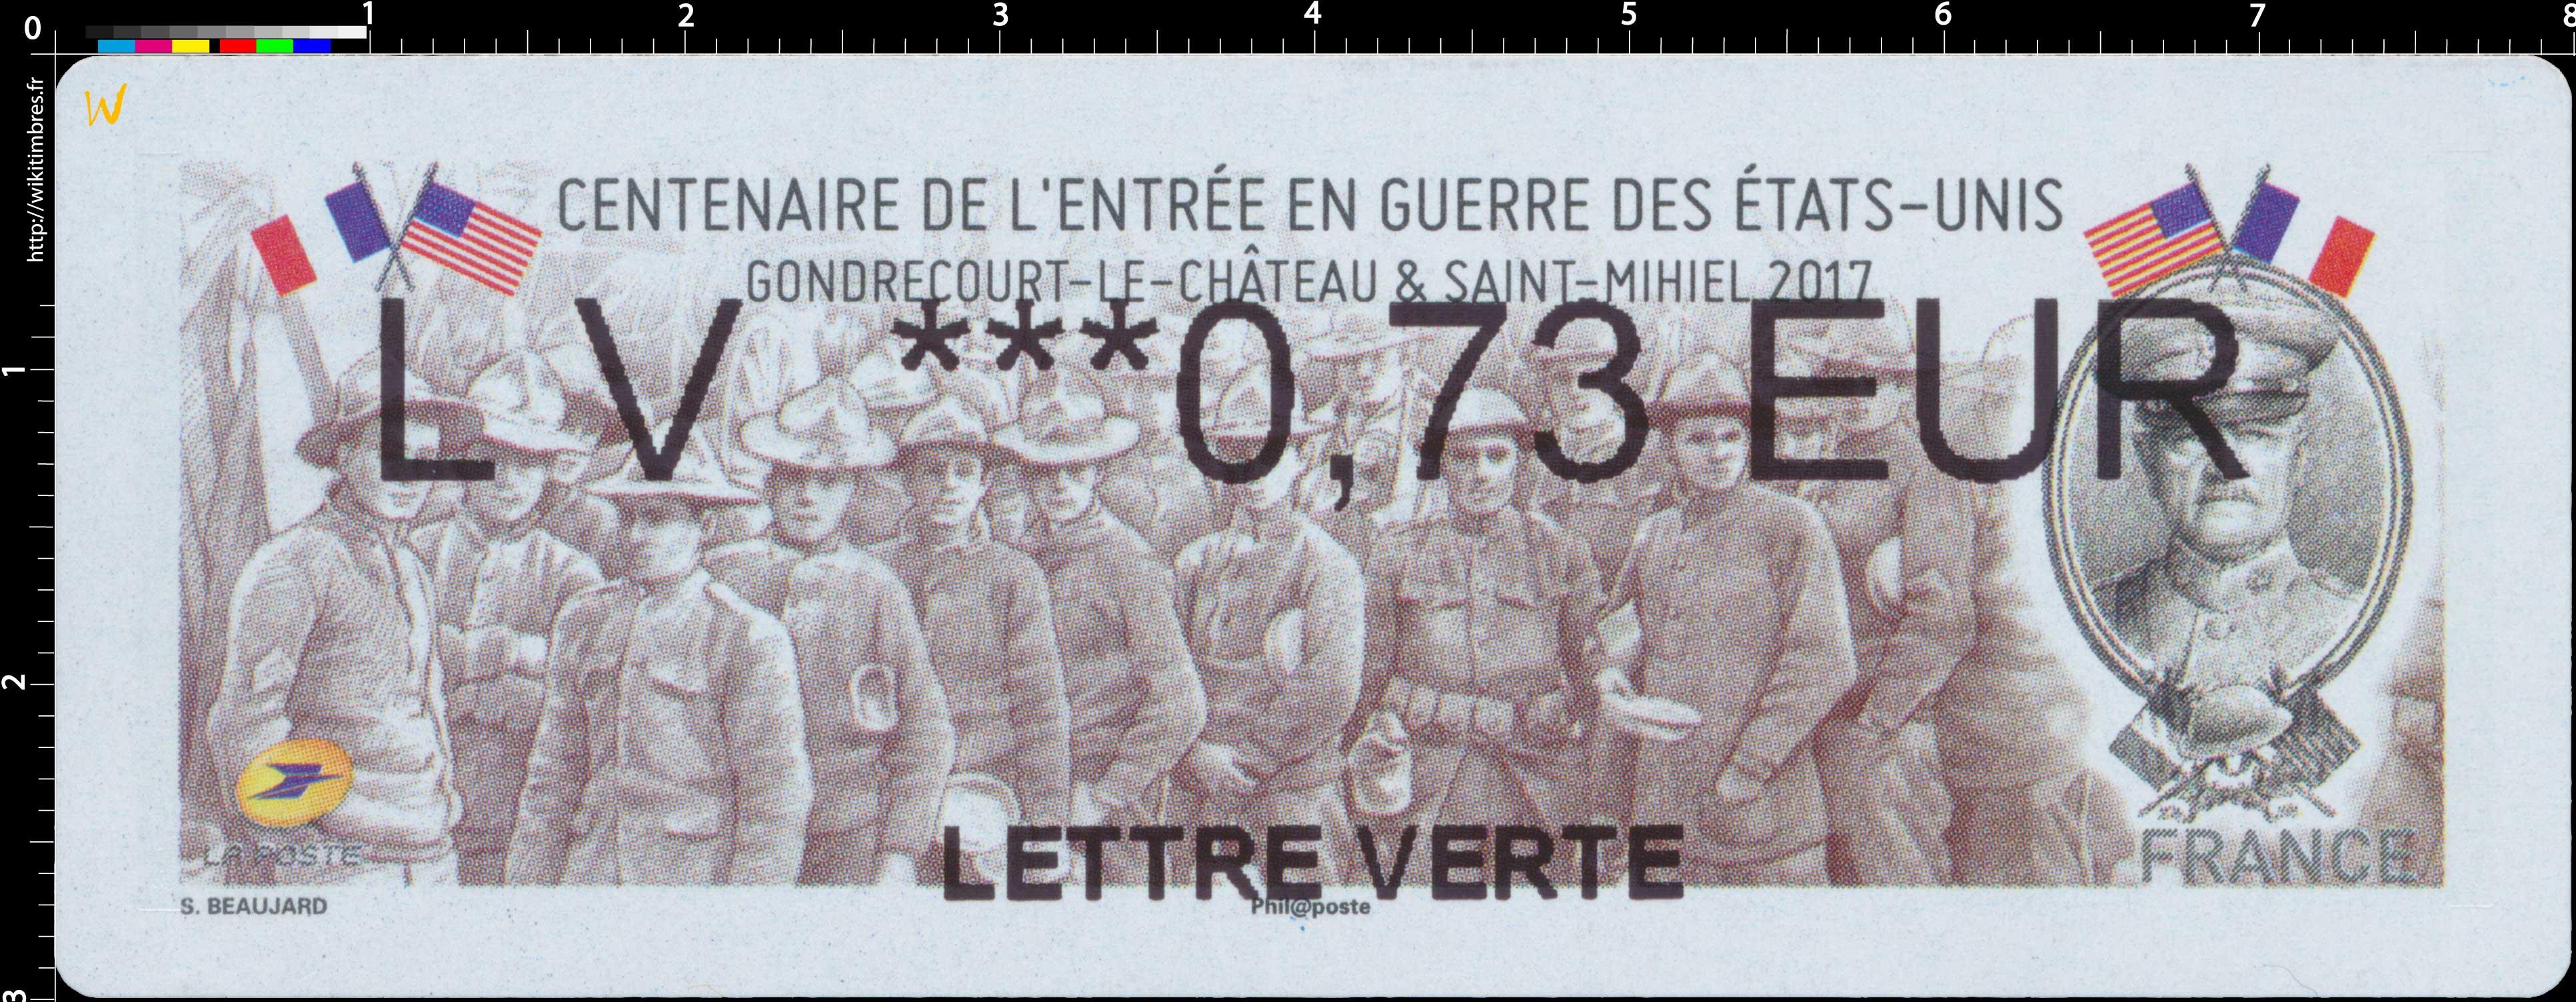 2017 Centenaire de l'Entrée en guerre des États-Unis Gondrecourt-Le-Château & Saint-Michiel